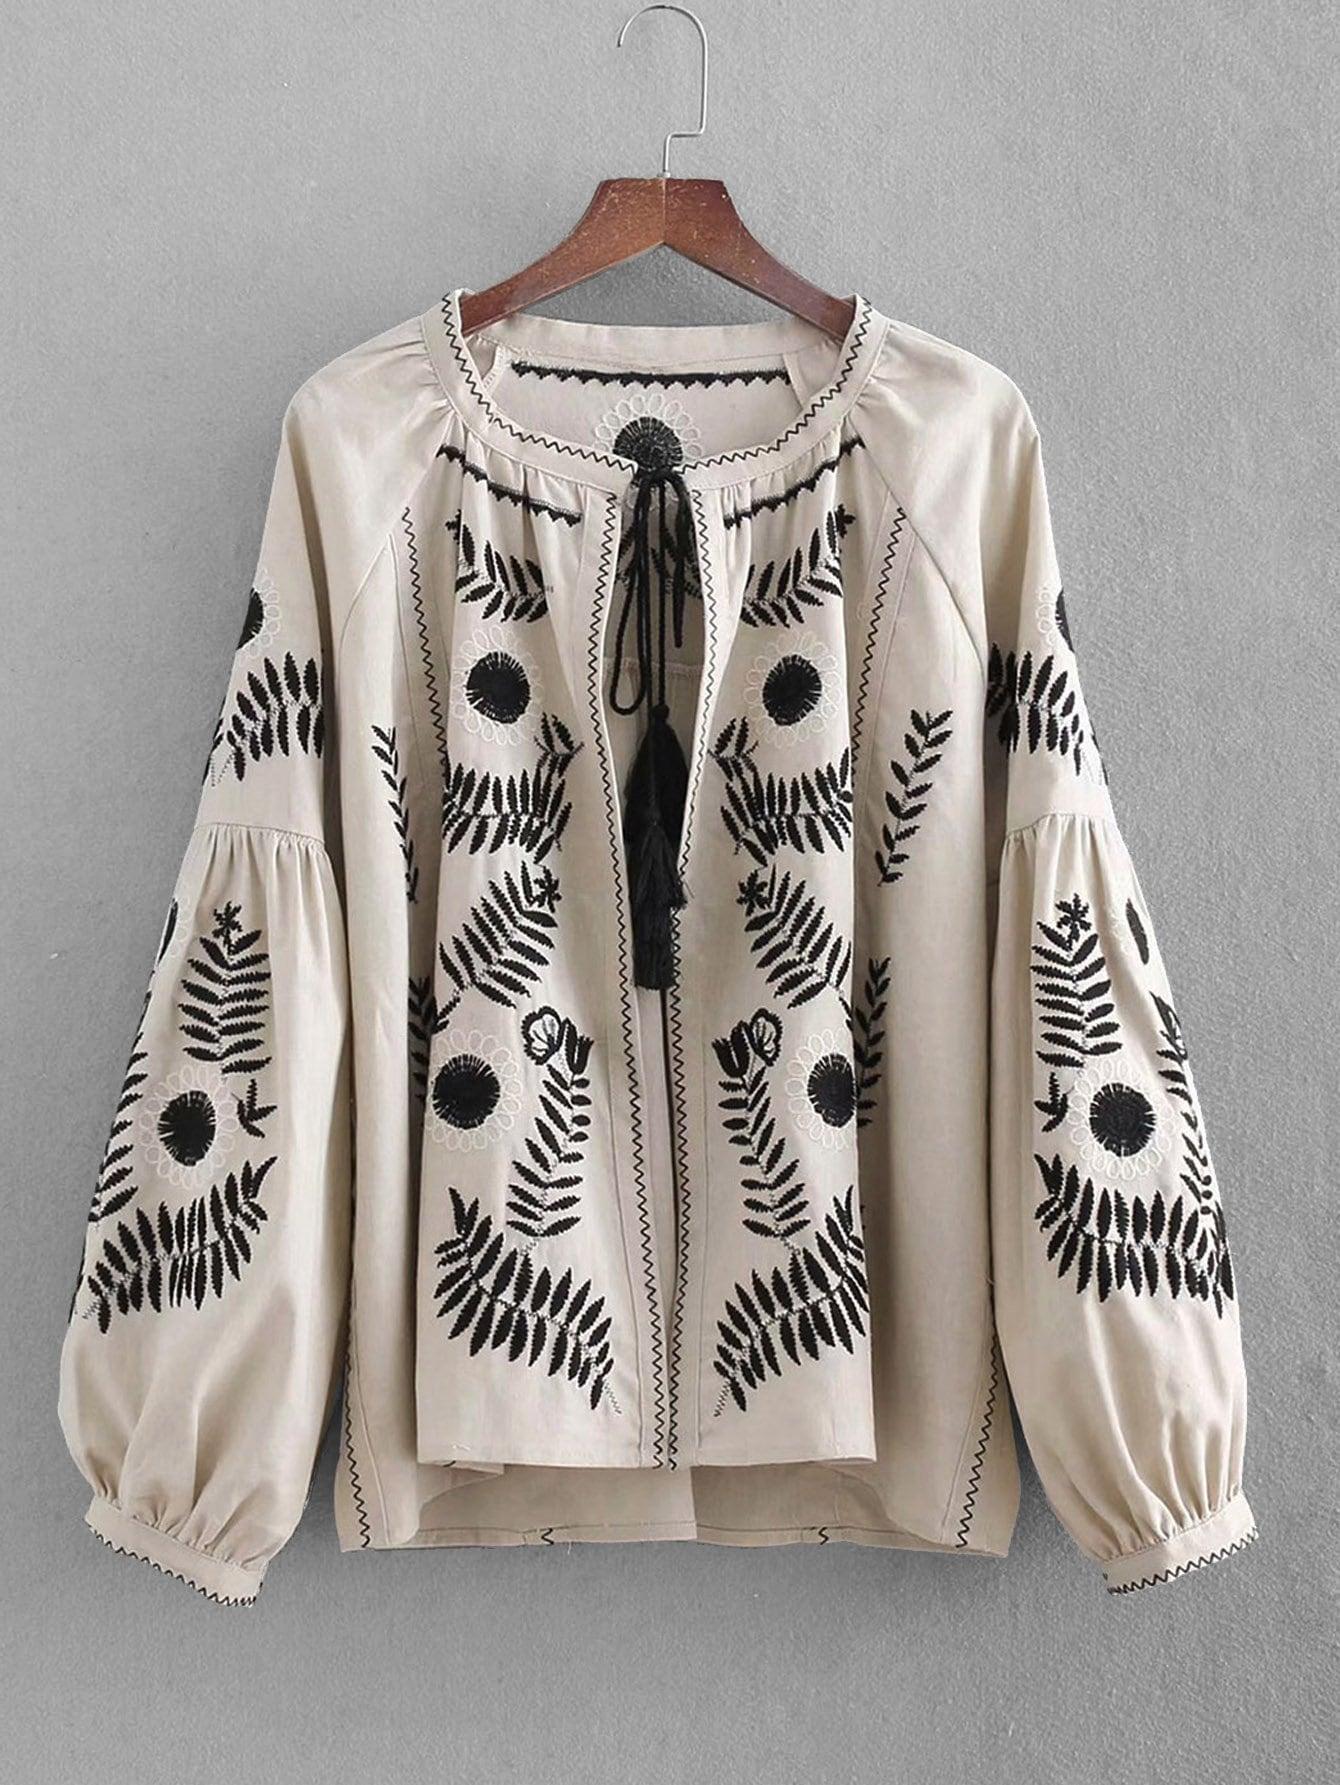 Drop Shoulder Куртка с рисунками тропических листьев вышивки